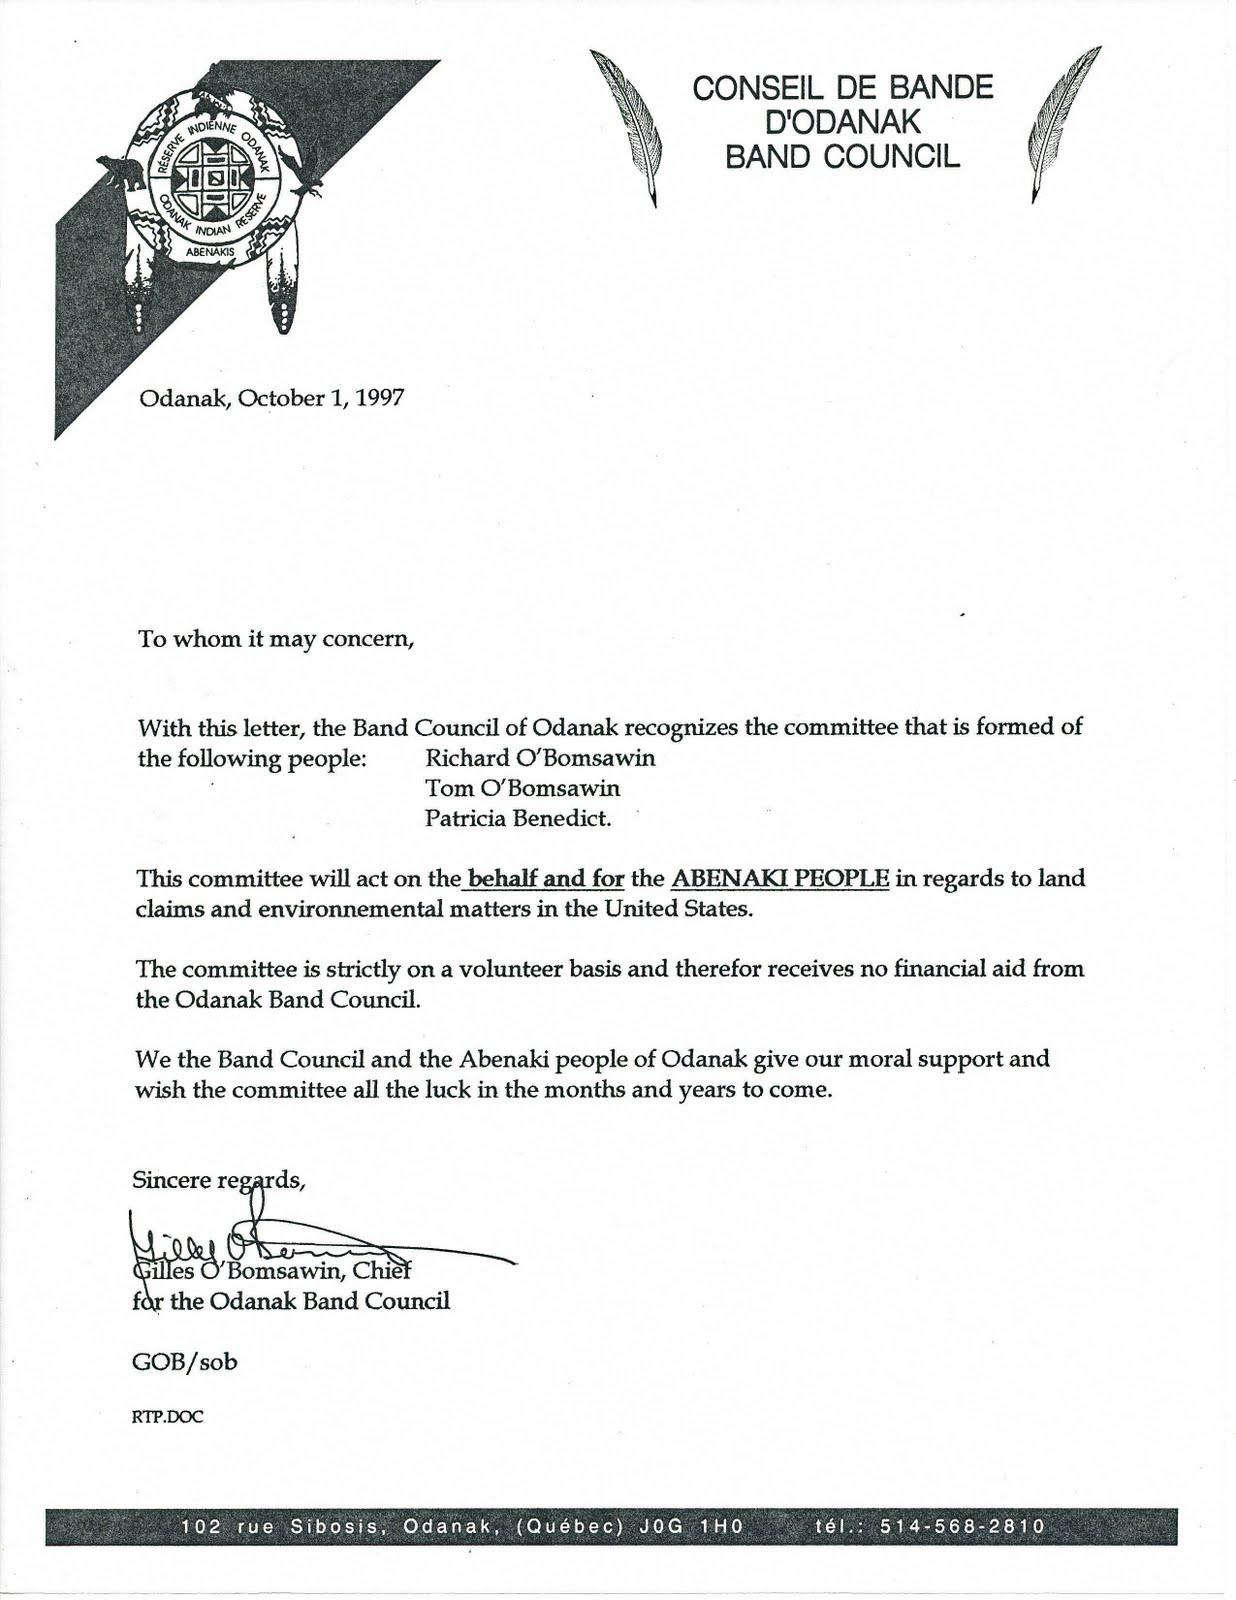 Cover Letter Uk Dear Sir